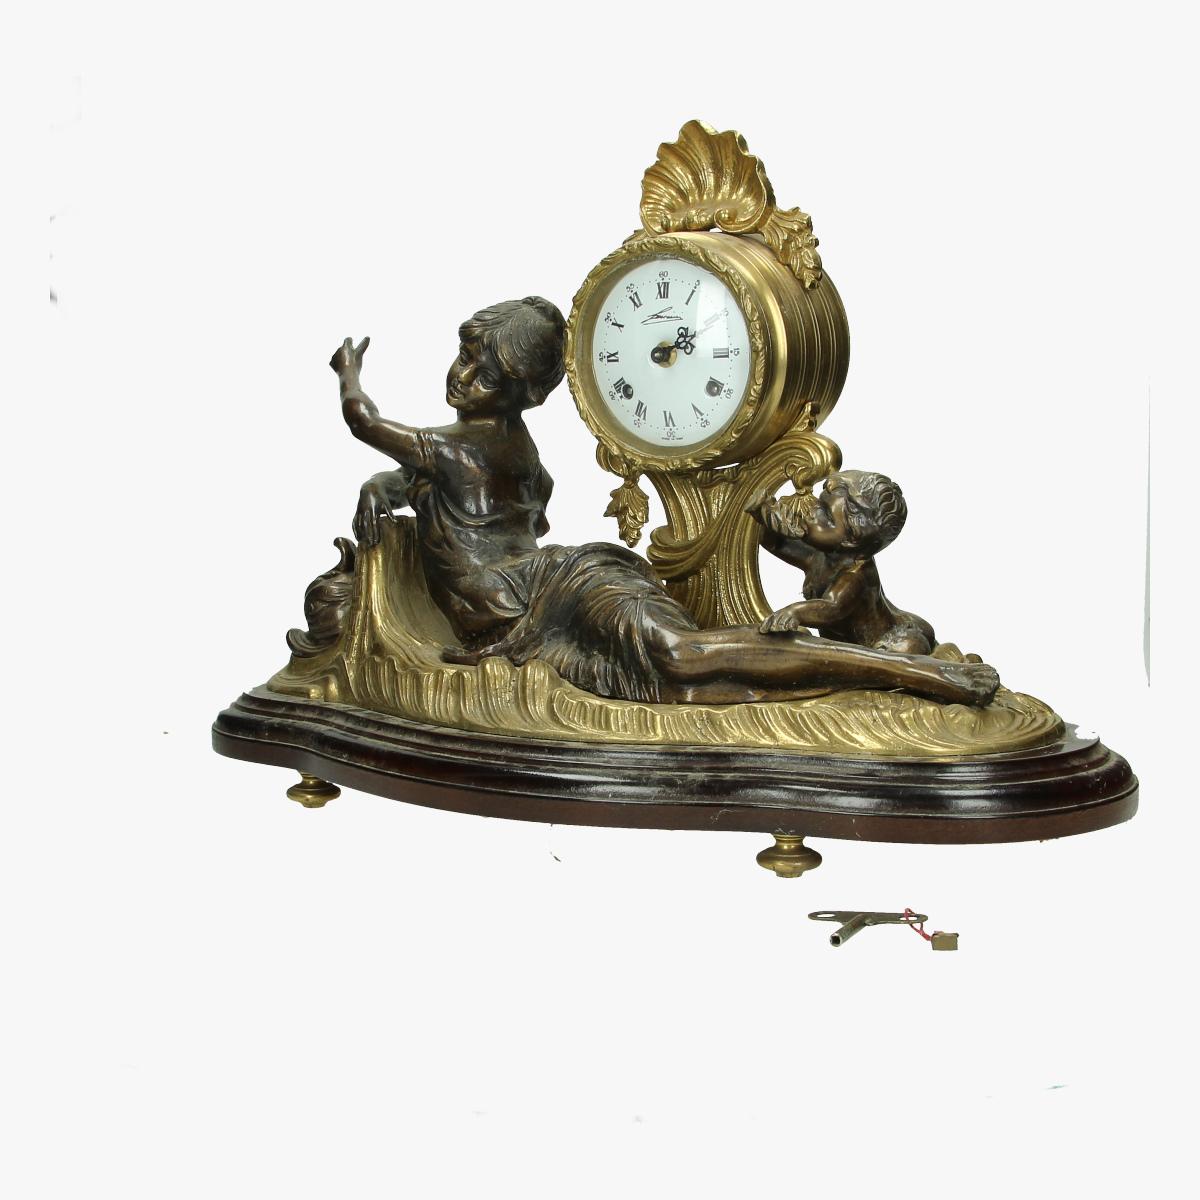 Afbeeldingen van bronzen klok pendule lancini italie met sleutel